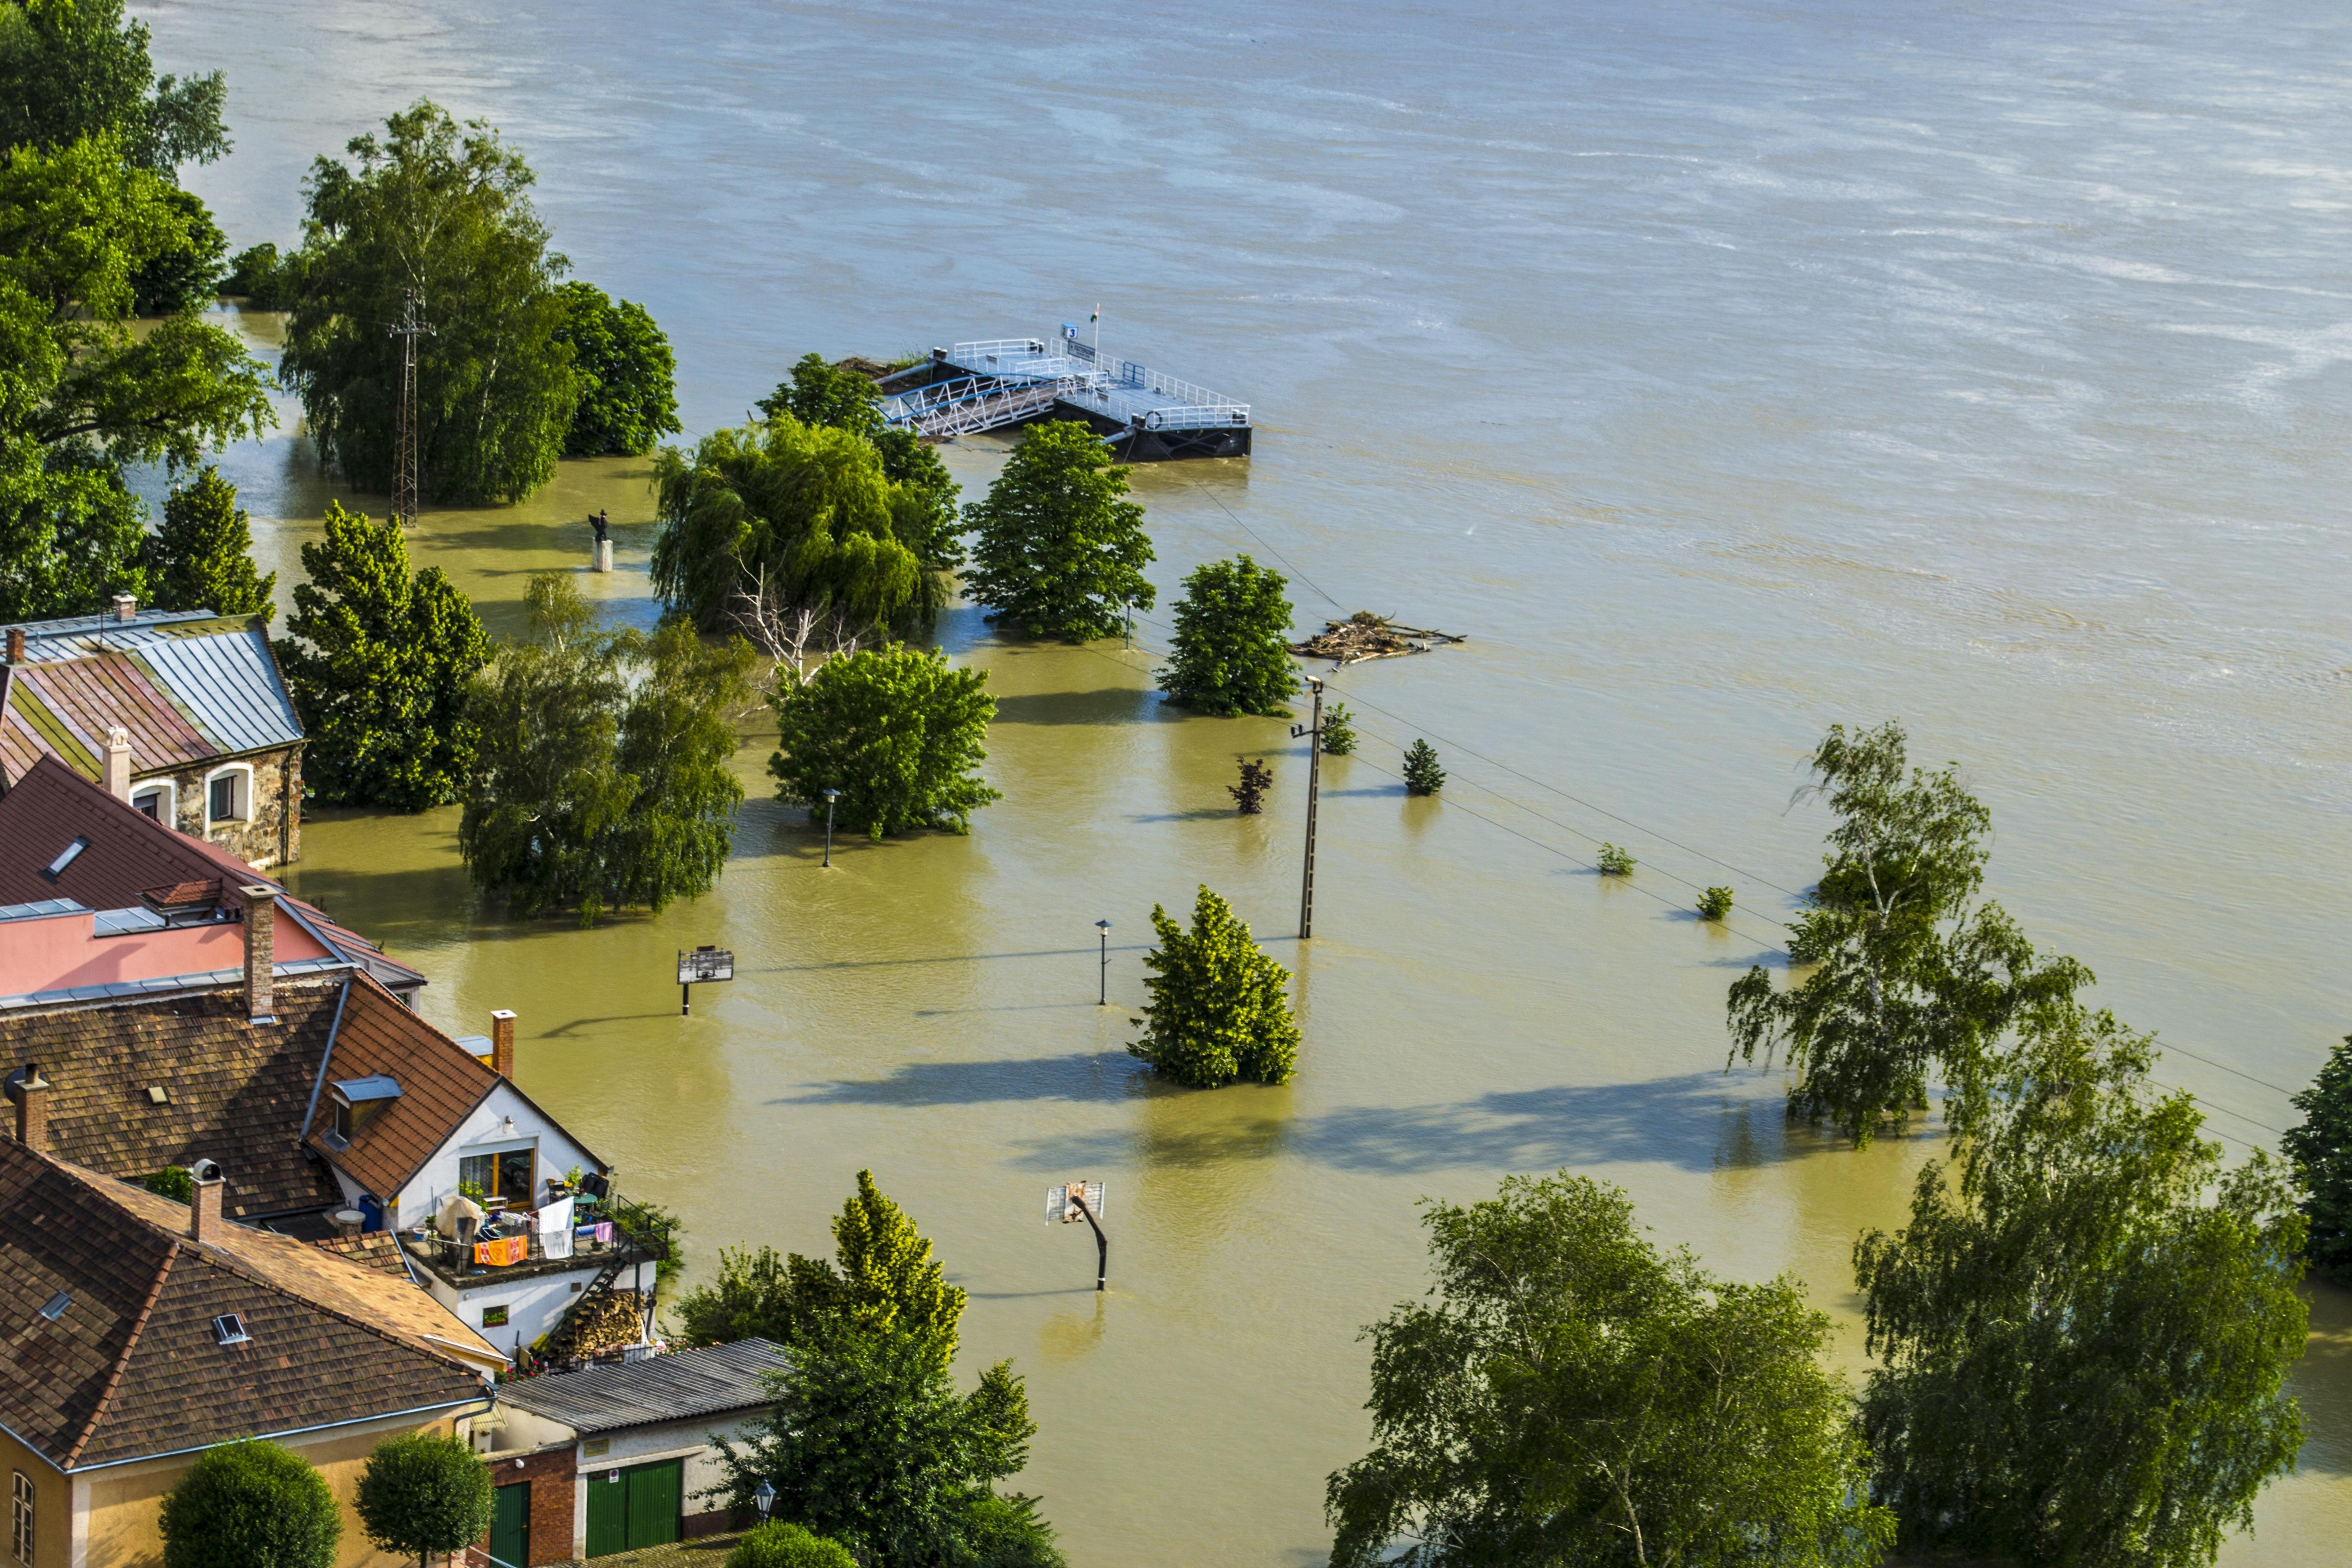 Schimbările climaterice vor provoca mai multe inundații și perioade de secetă în Europa